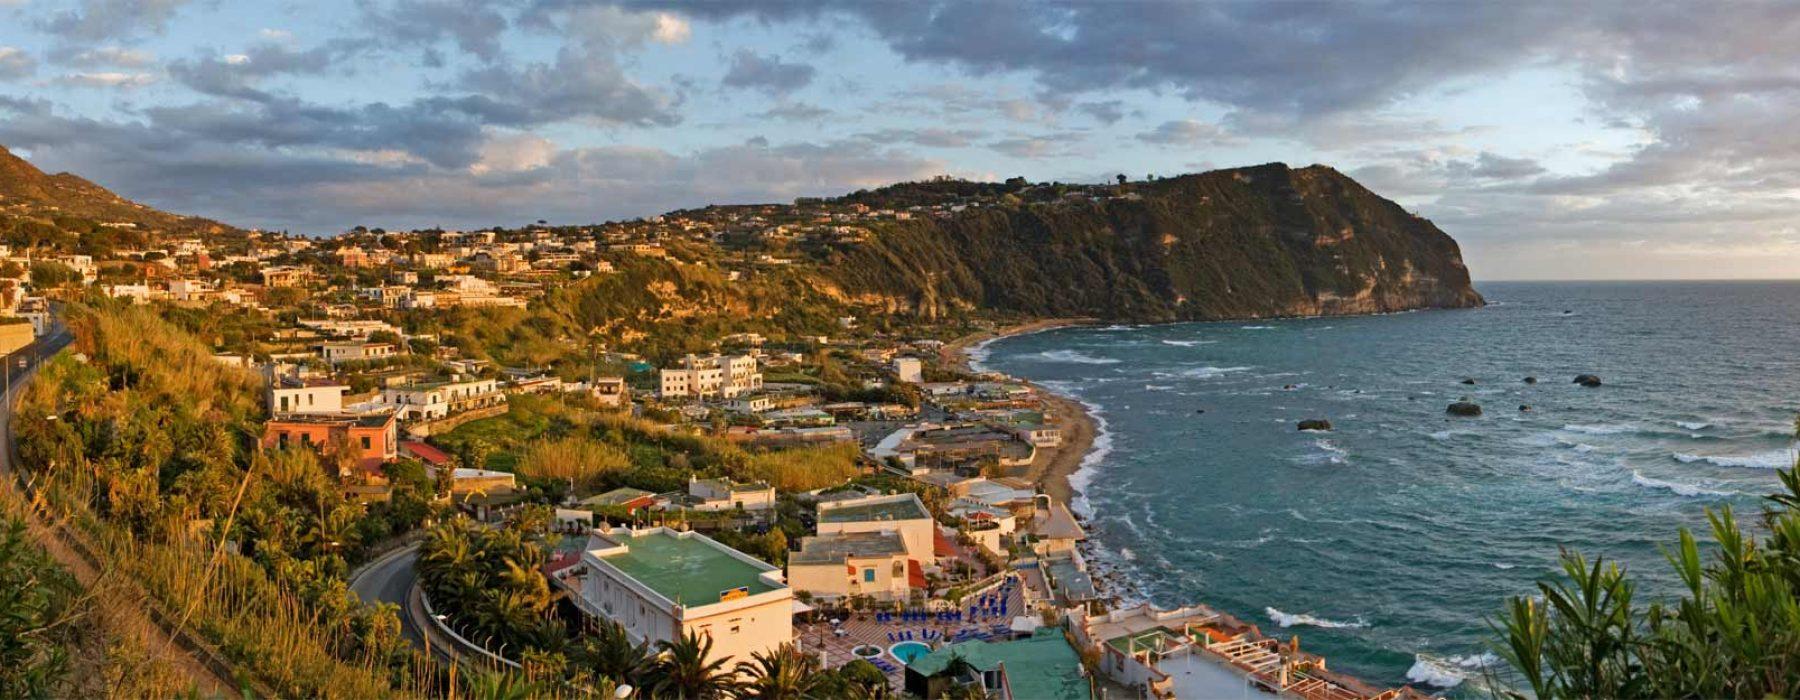 Regno due Sicilie: le più belle terrazze verdi vista mare, Mortella, Negombo e Villa San Michele